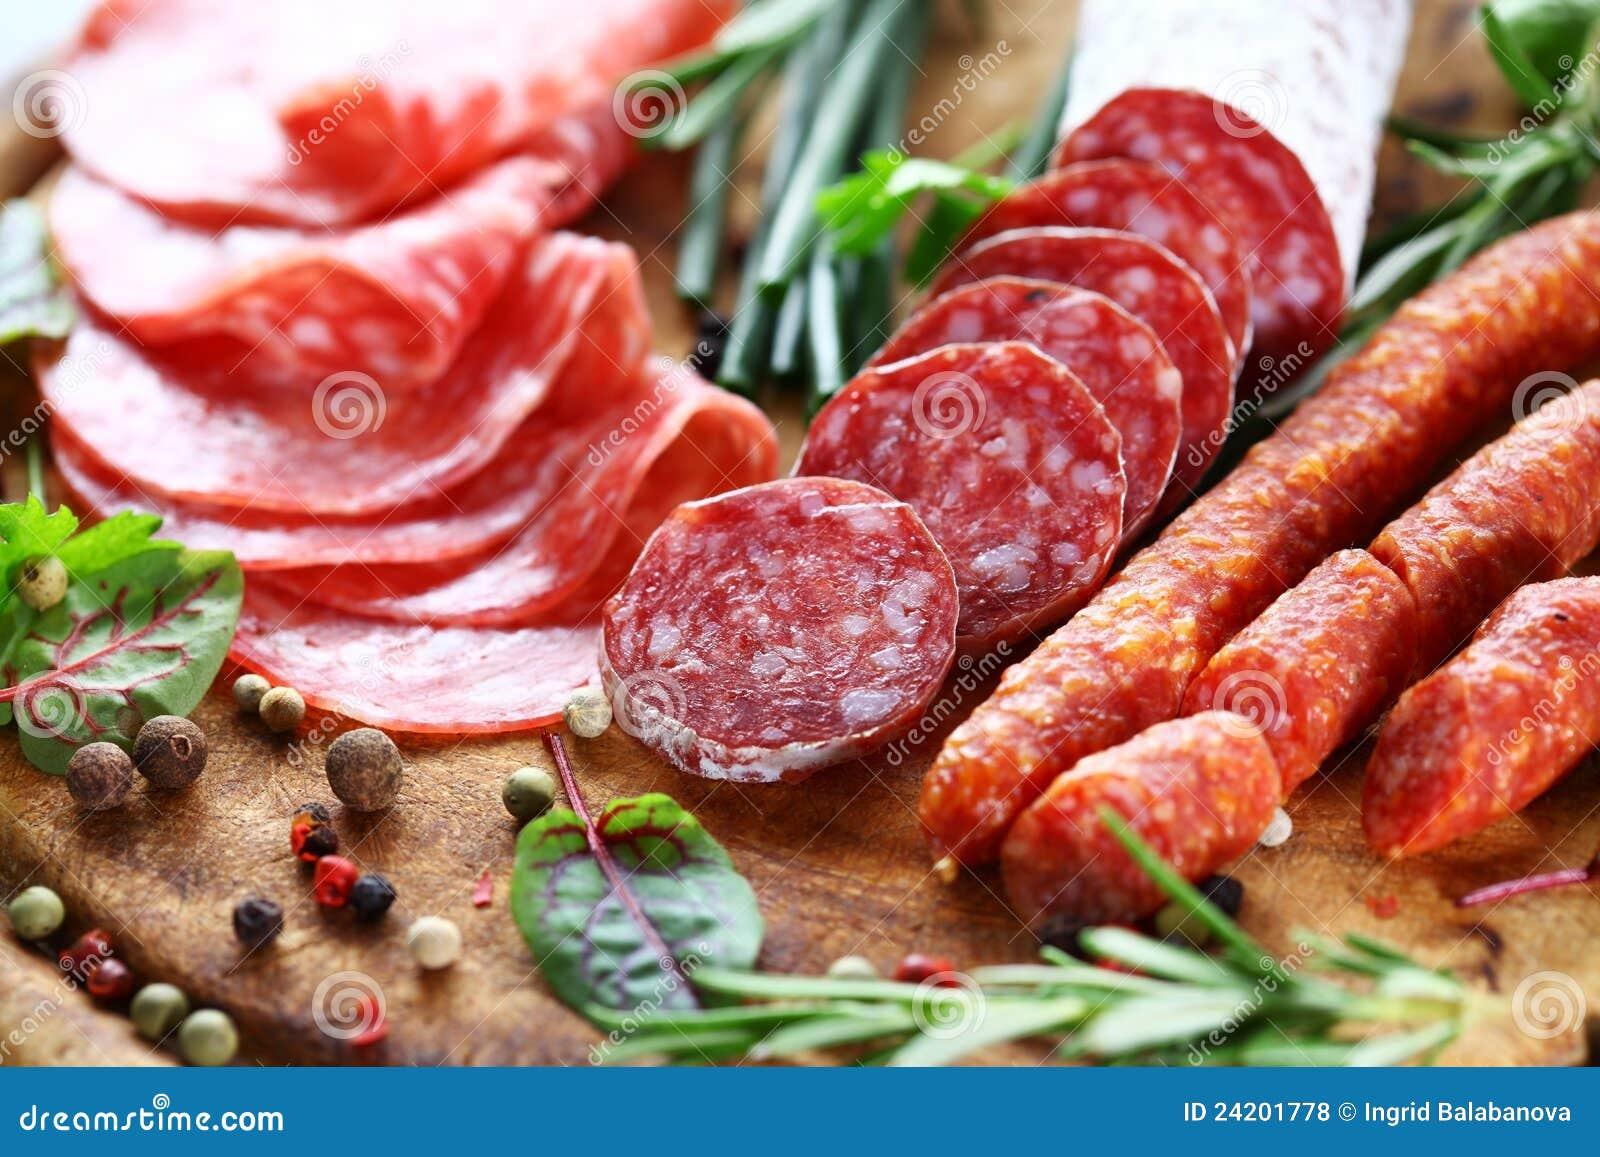 Italiaanse ham en salami met kruiden